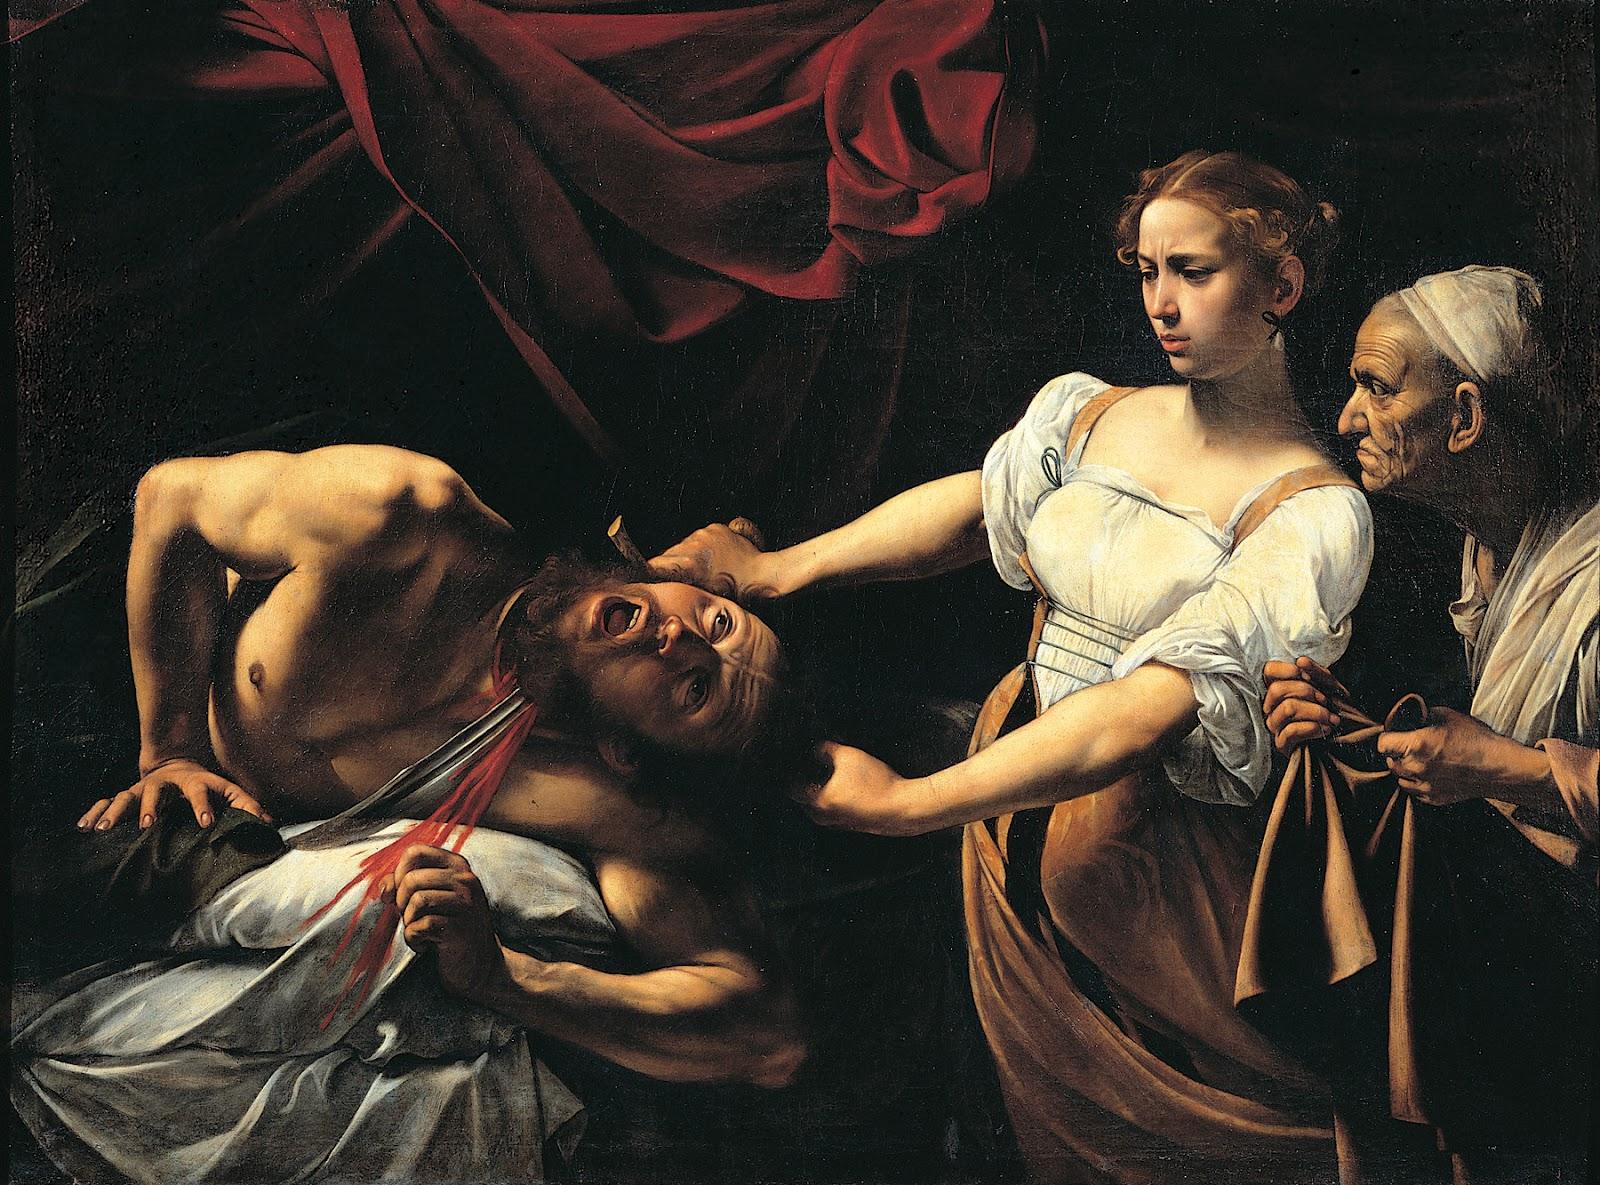 Bildergebnis für Judith und holofernes